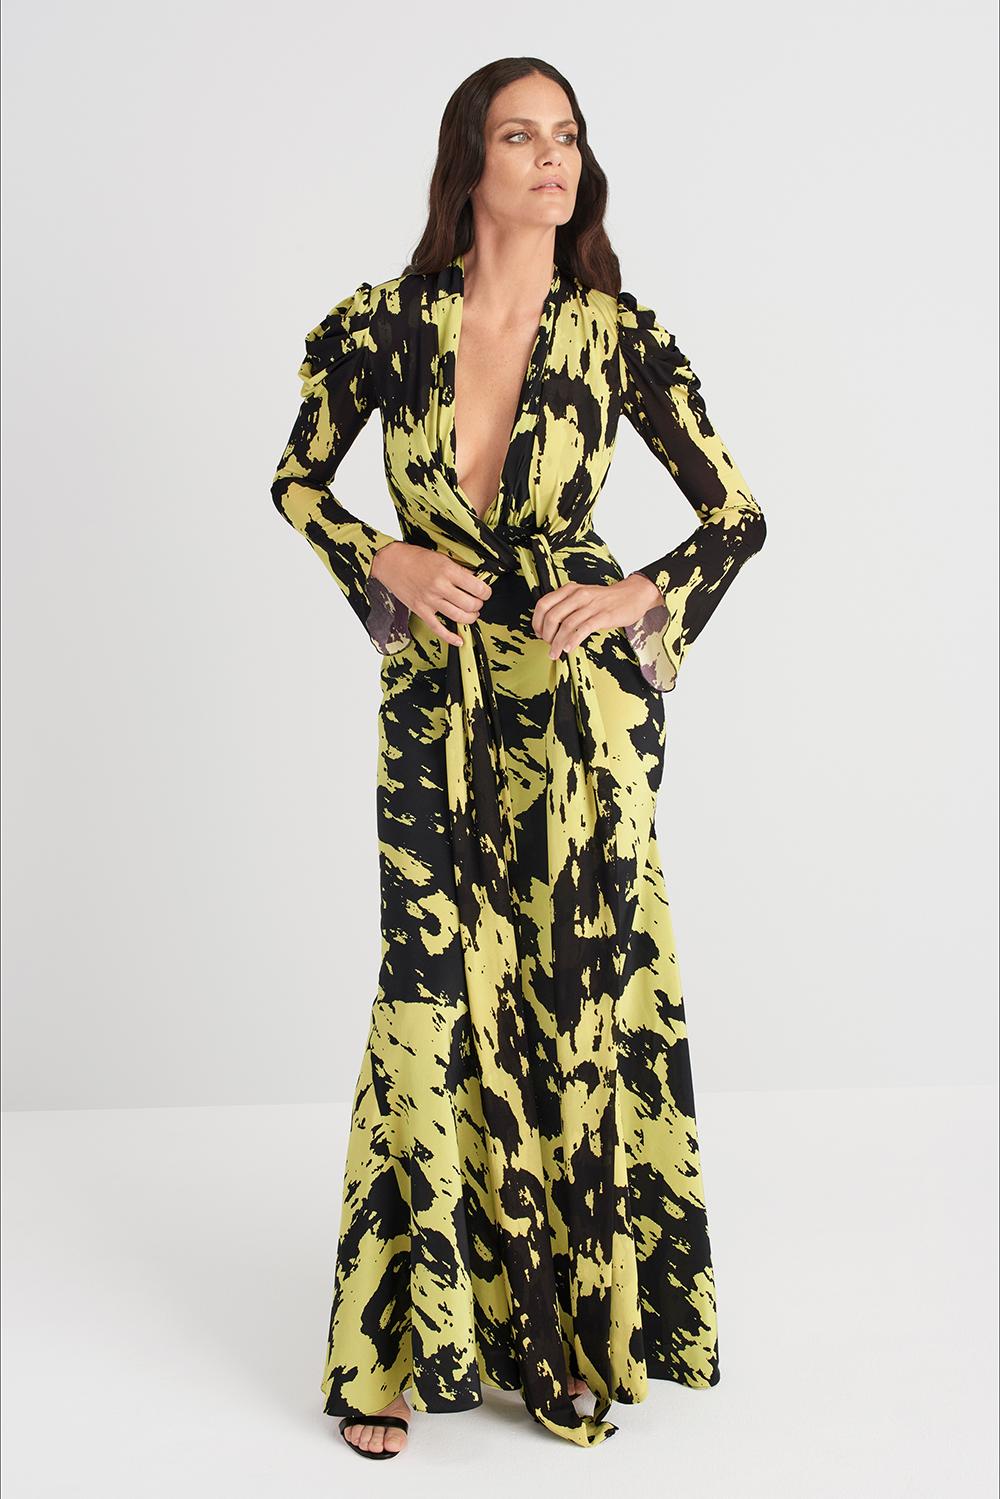 Abito floreale giallo e nero di Diane von Furstenberg, Pre-Season primavera-estate 2020